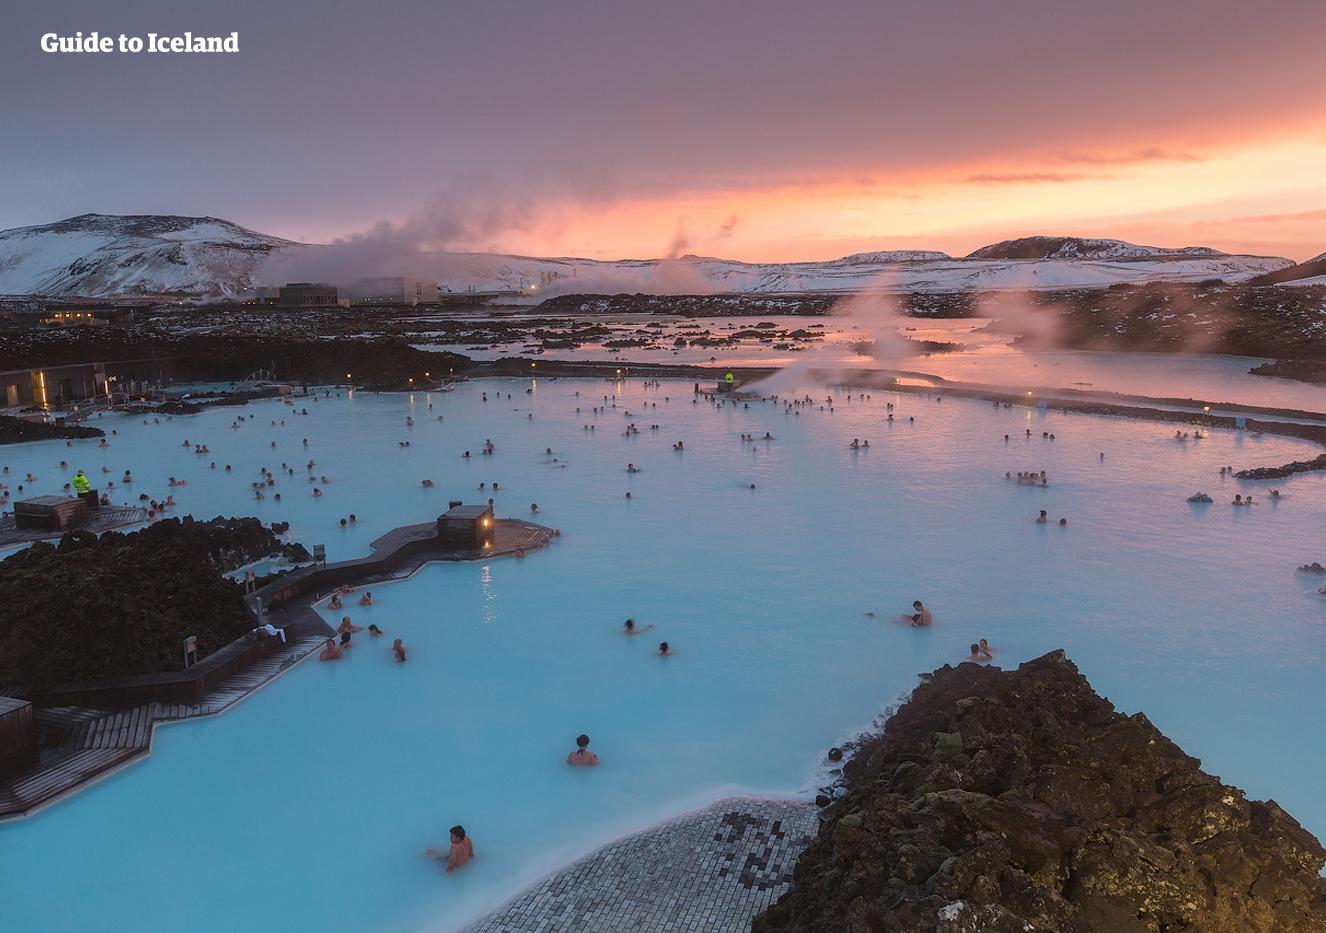 Bienvenue en Islande et dans les eaux mondialement célèbres du luxueux Blue Lagoon.